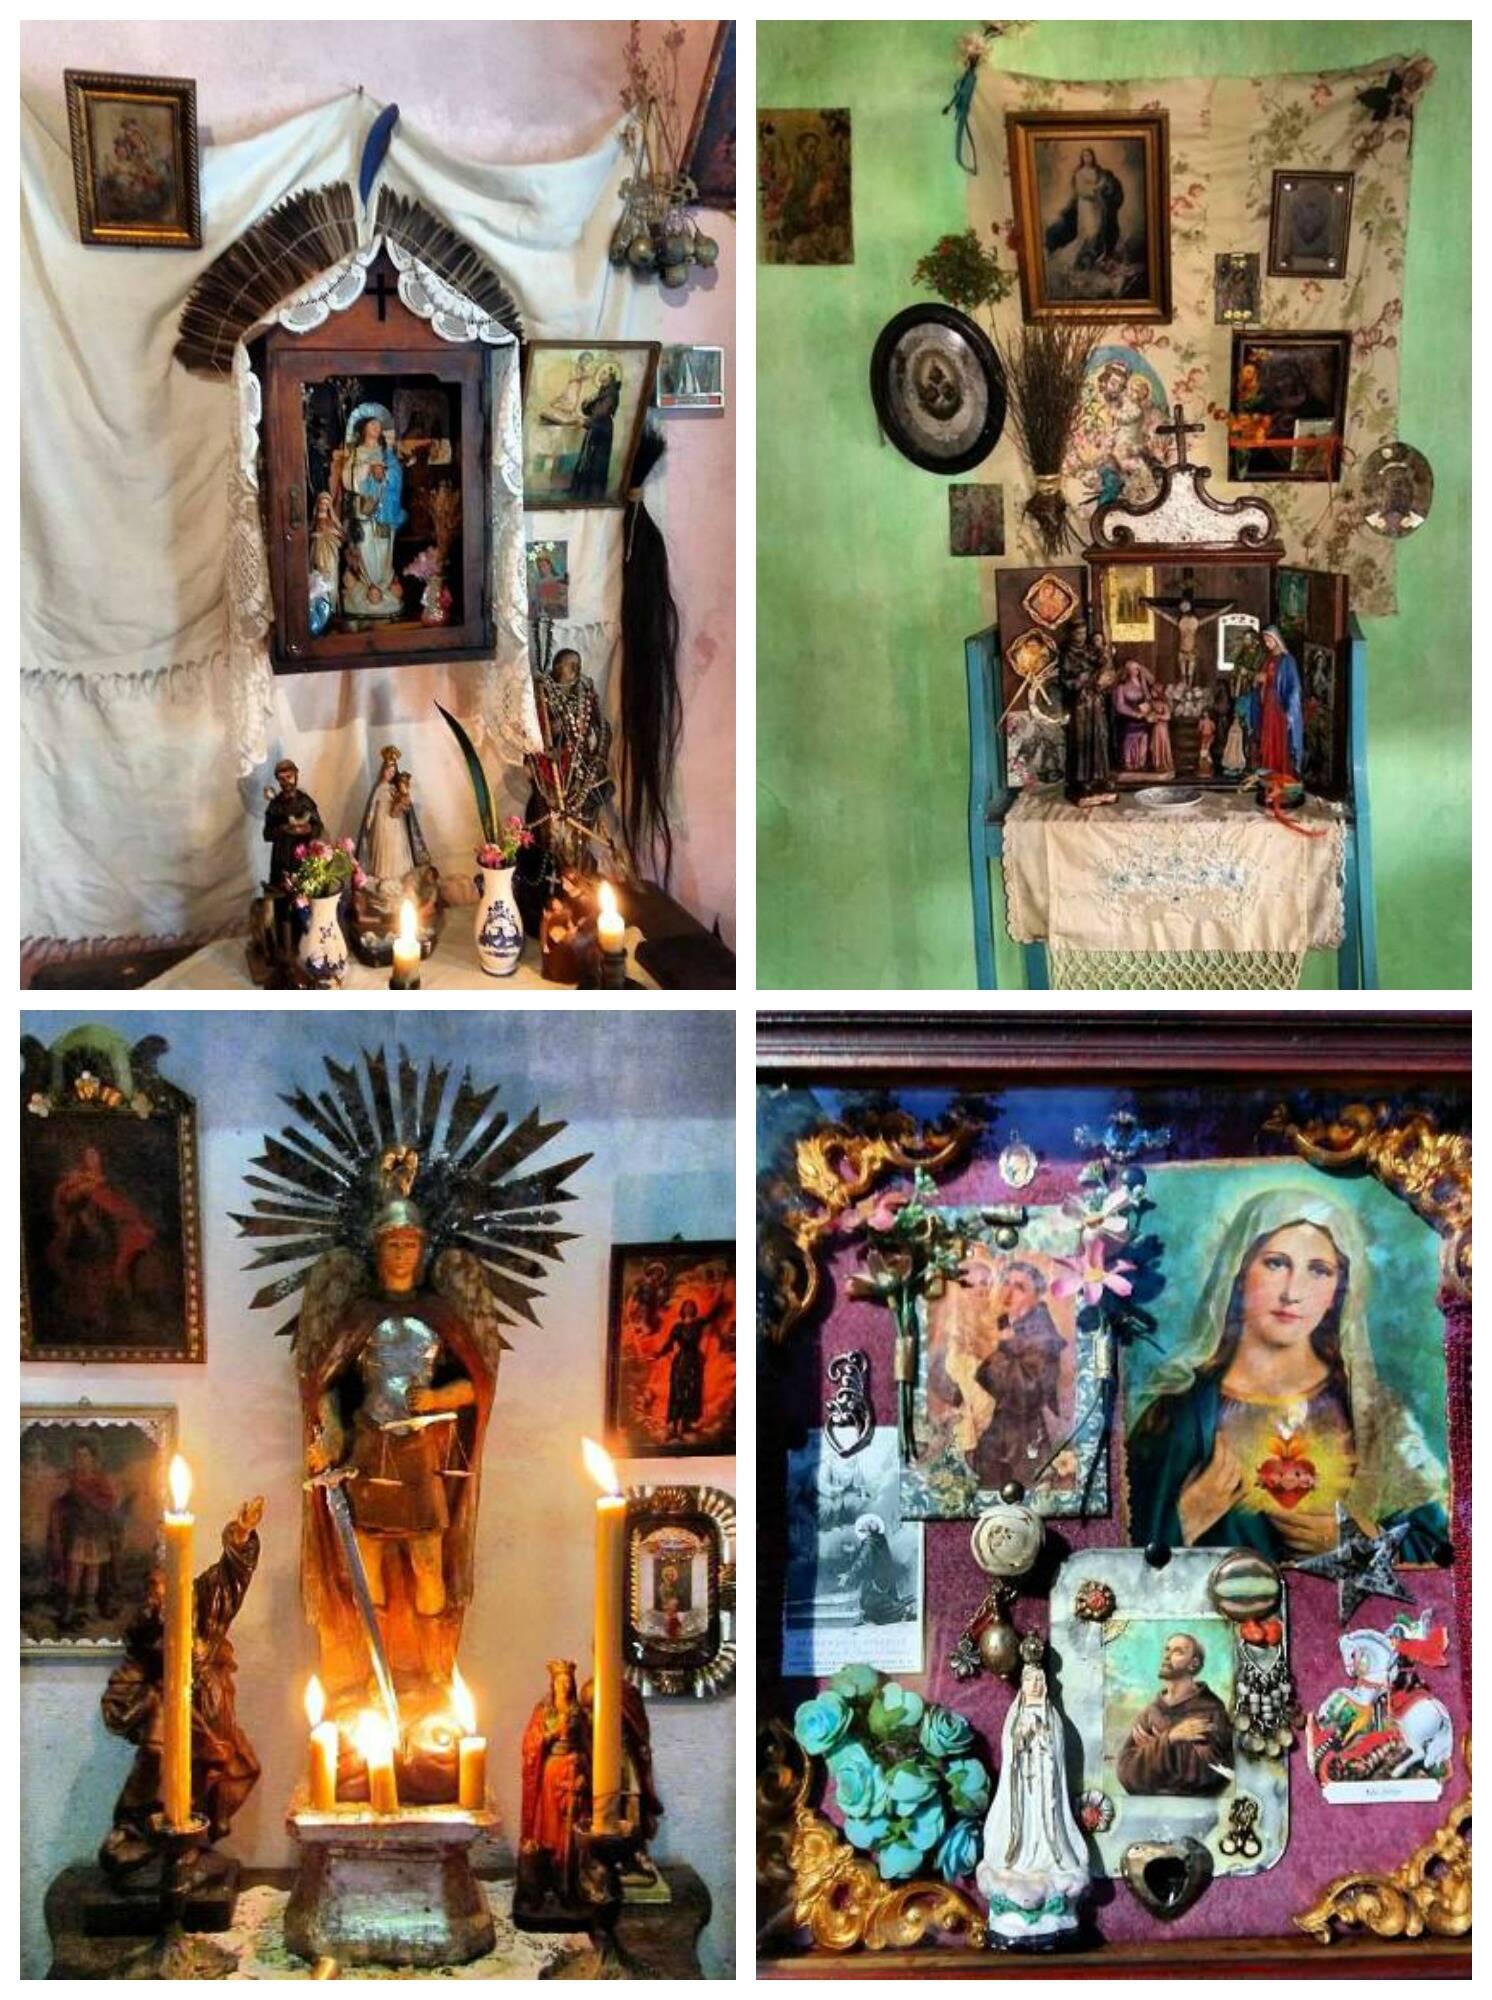 No alto, o artista Raimundo Rodriguez. Nestas fotos, seus trabalhos na novela Velho Chico/ Fotos: Divulgação